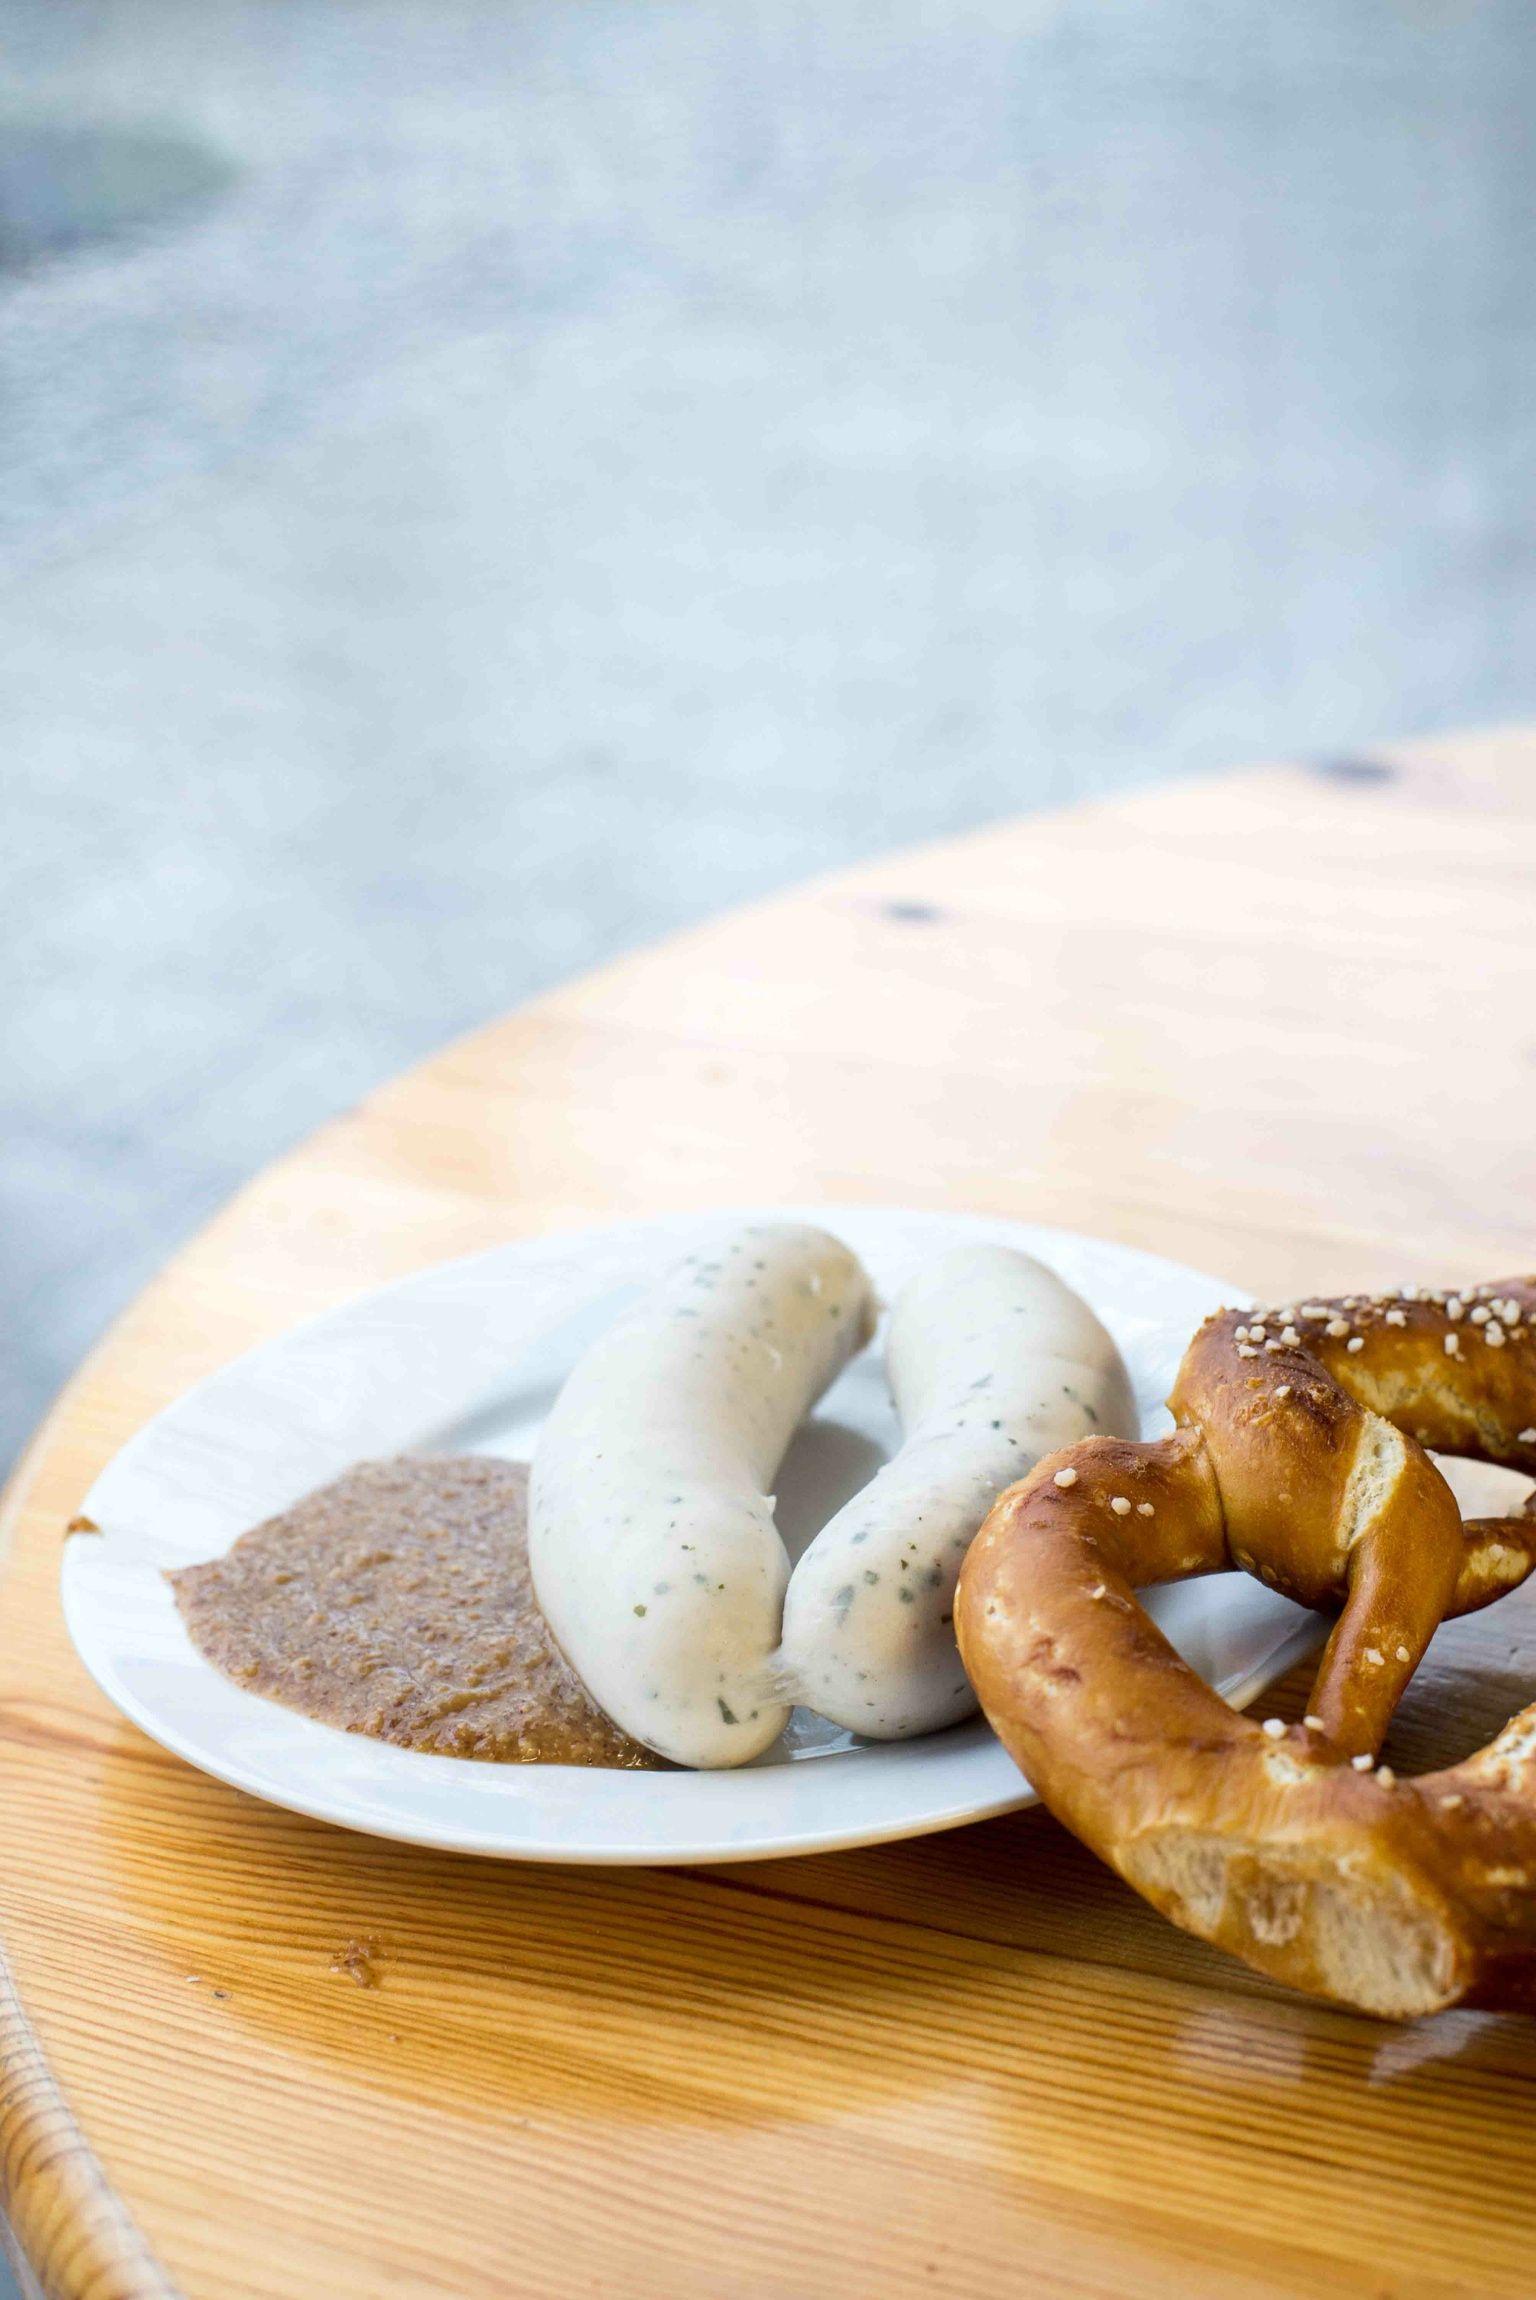 Mittags In Munchen Tipps Fur Den Viktualienmarkt Essen Munchen Weisswurst Essen Lebensmittel Essen